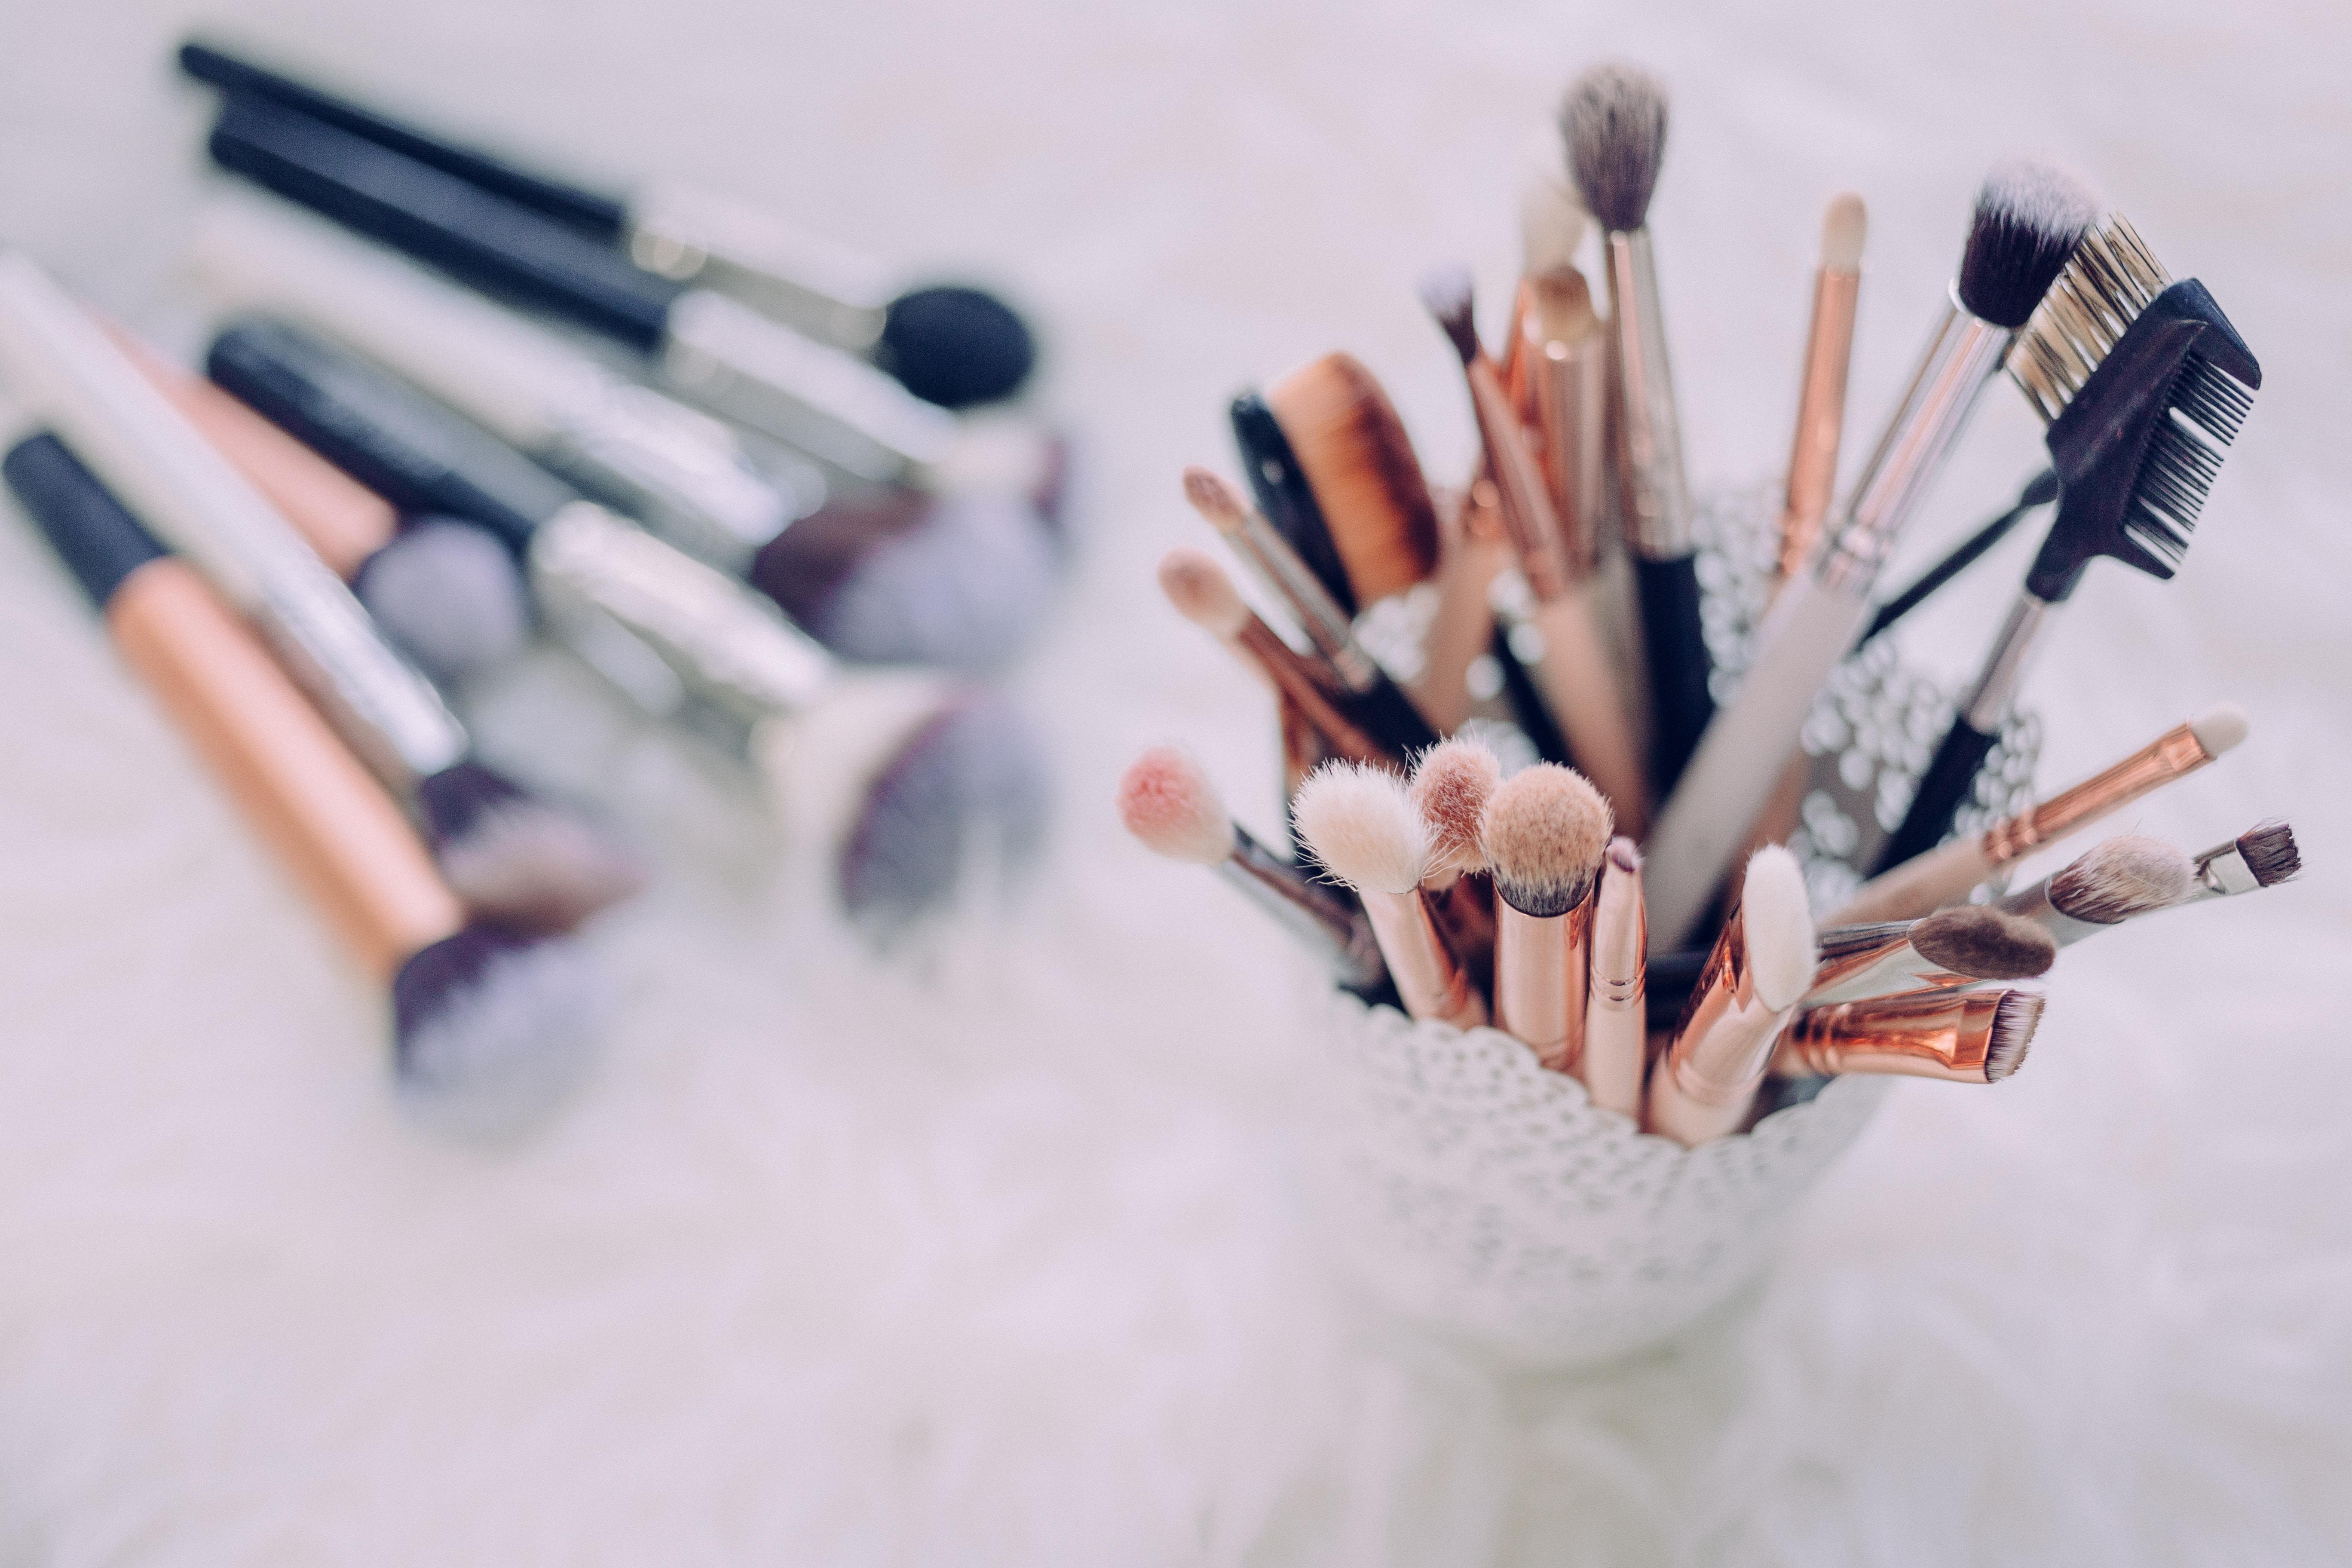 Lär dig mer om makeup